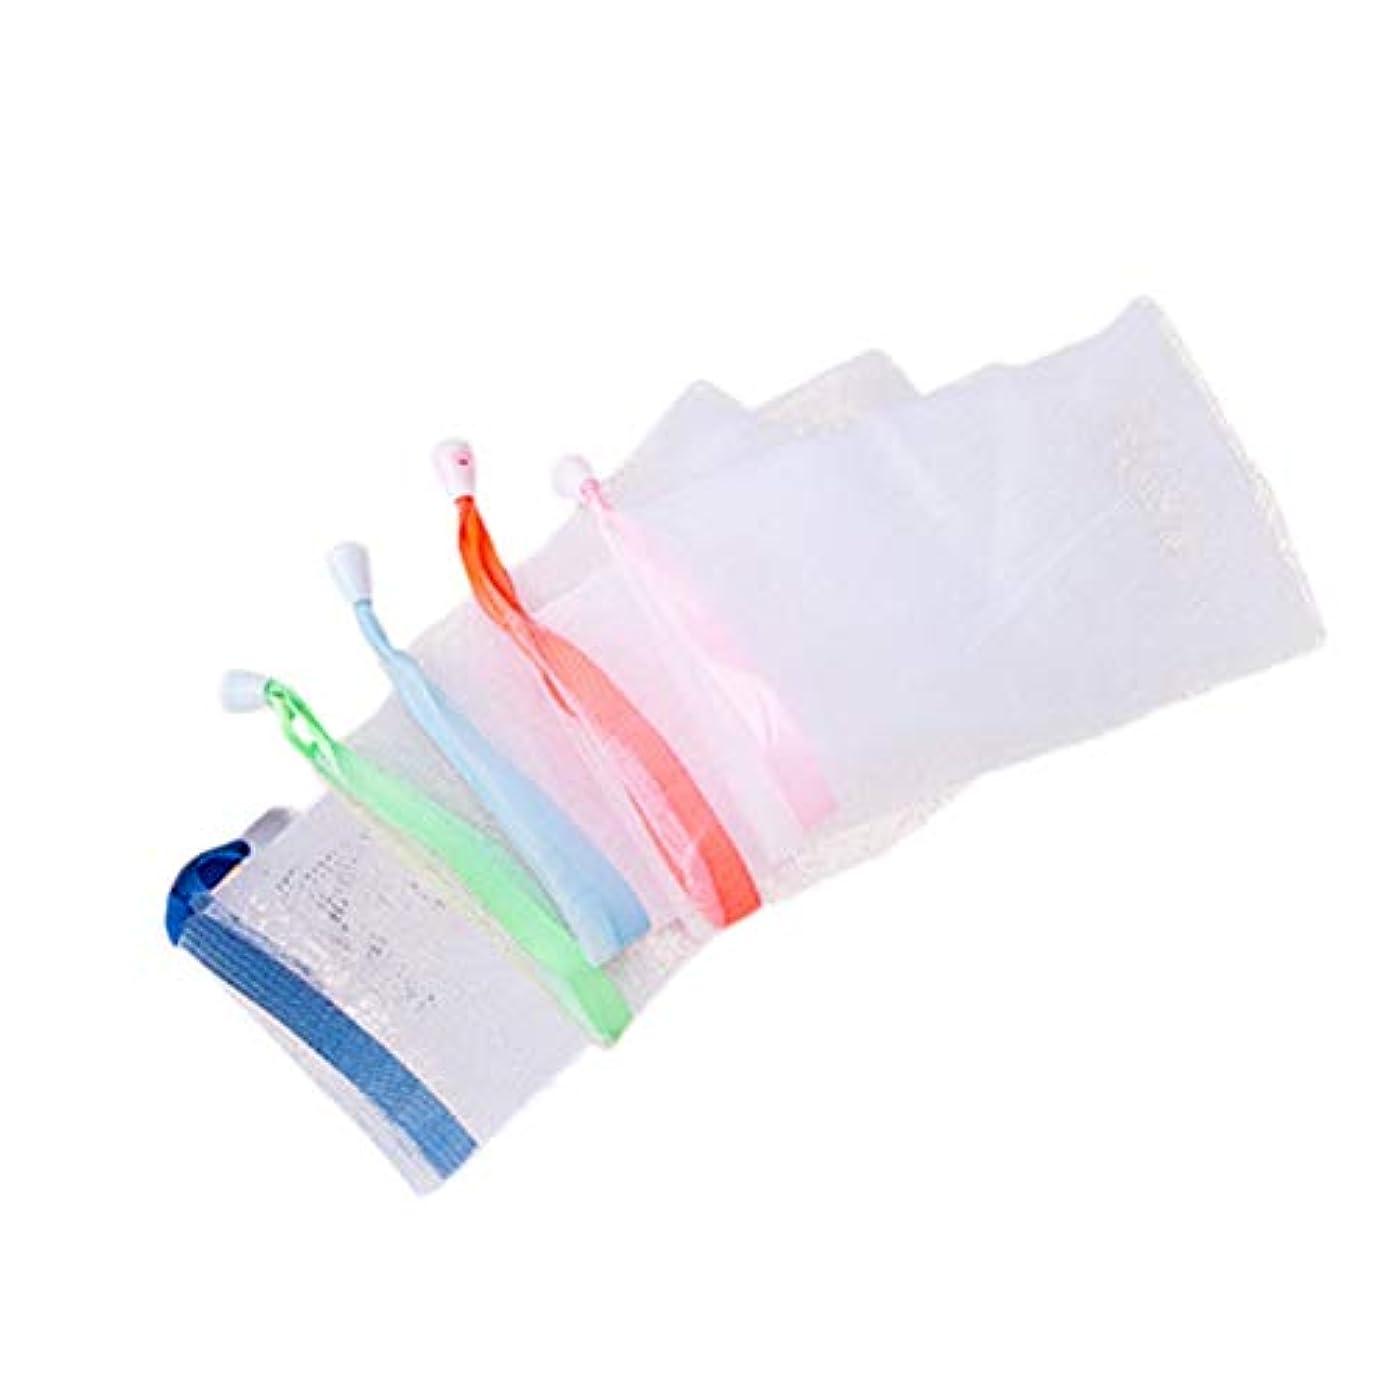 火山の死んでいる慣らすHEALIFTY 9pcsを洗う表面のための多彩な石鹸袋の泡立つ純袋の石鹸の泡ネット袋